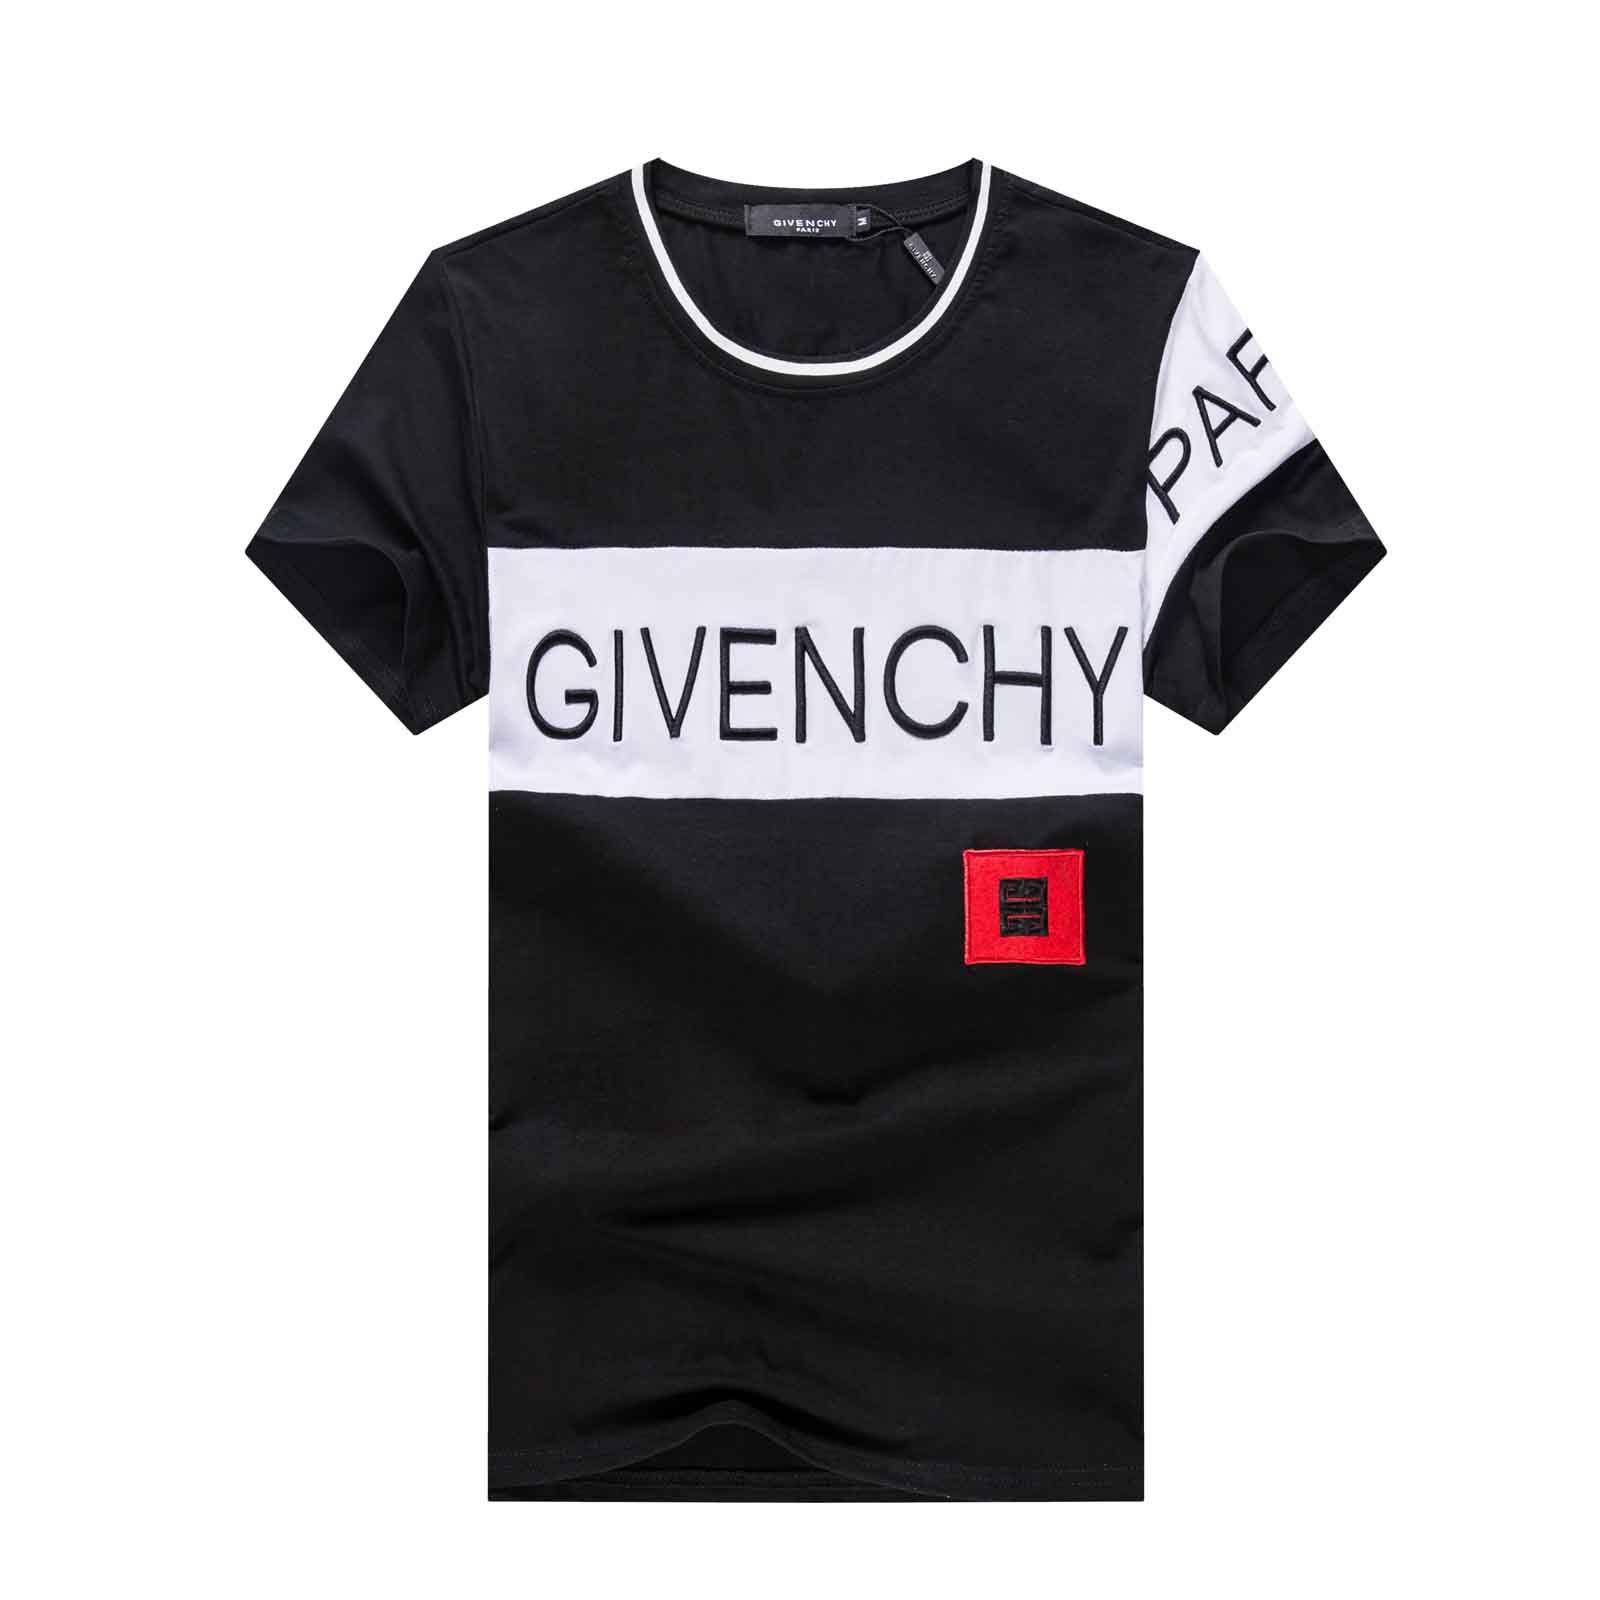 PP été Designer T-shirts pour hommes Hauts de luxe Lettre de broderie T-shirt pour hommes Vêtements pour femmes T-shirt manches courtes hommes T-shirt